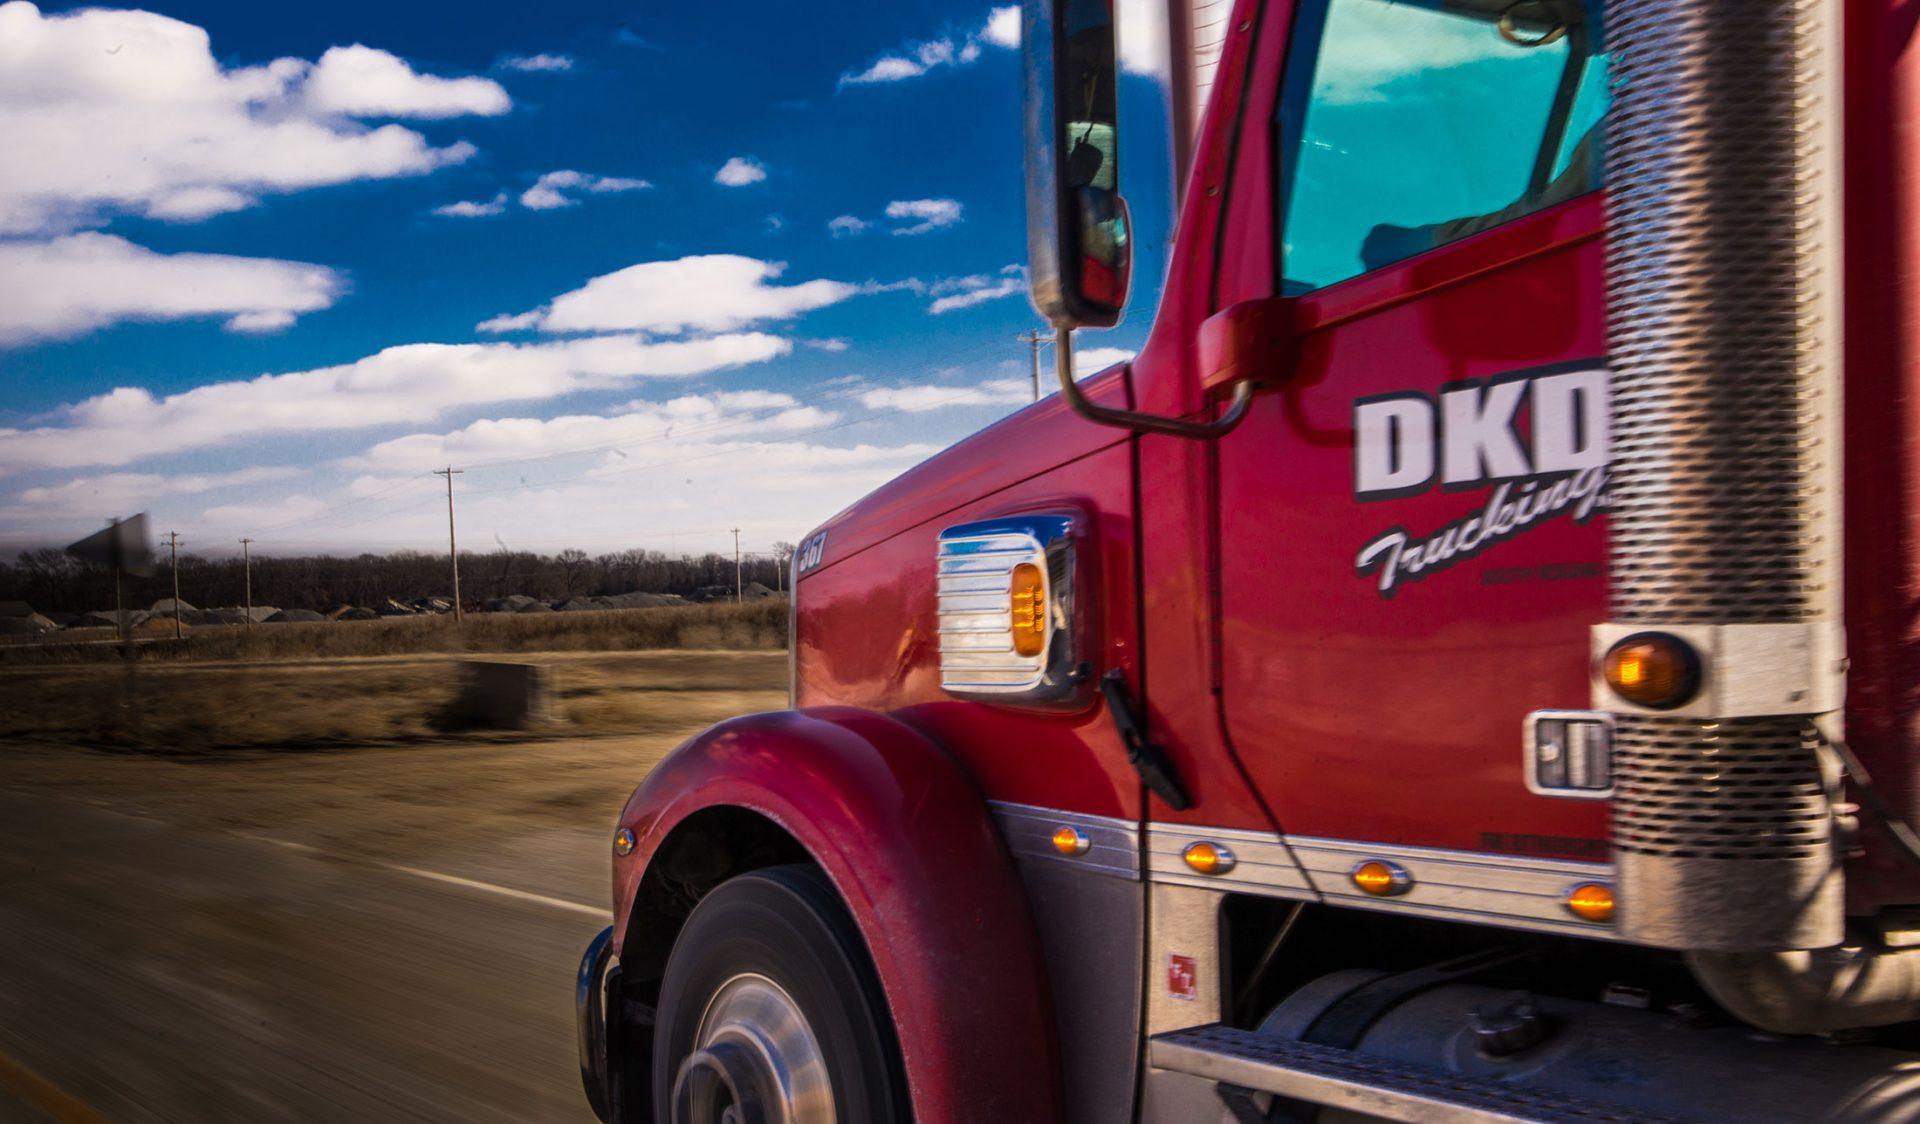 DKD semi-truck